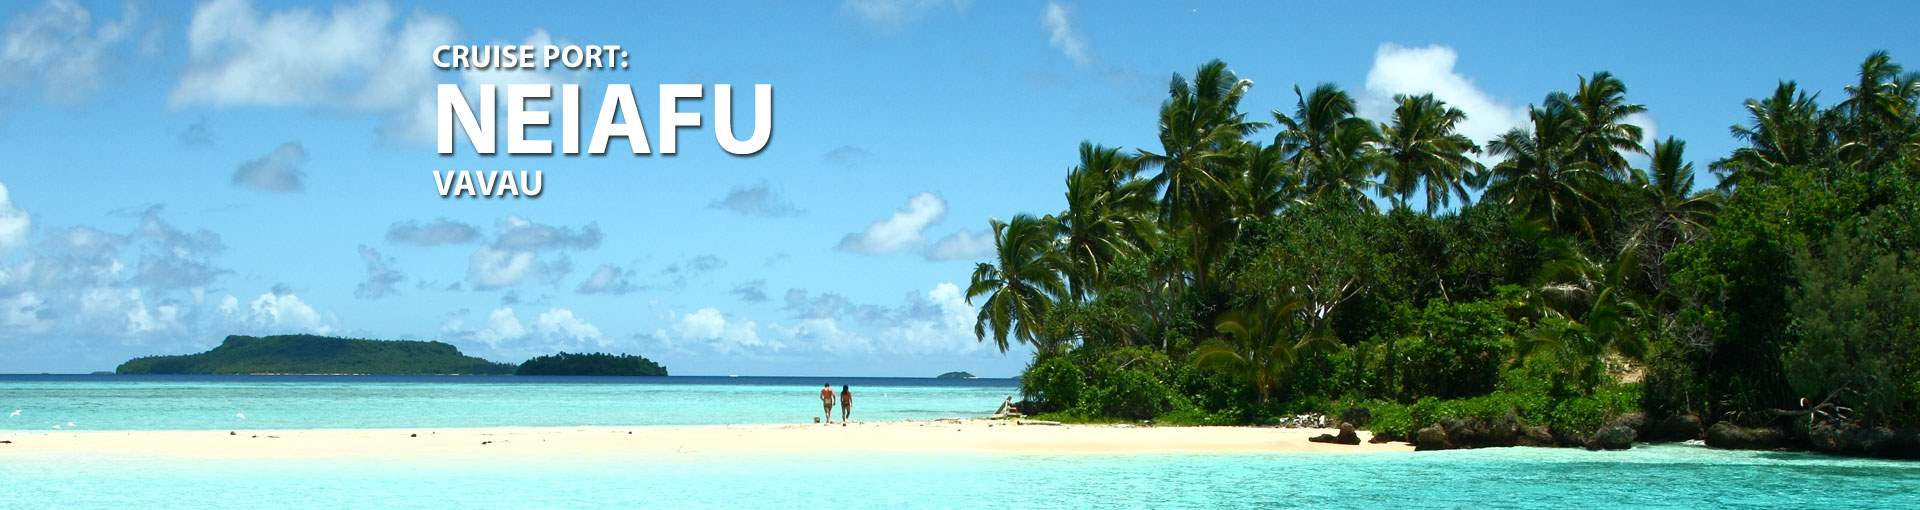 Cruises to Neiafu, Vavau